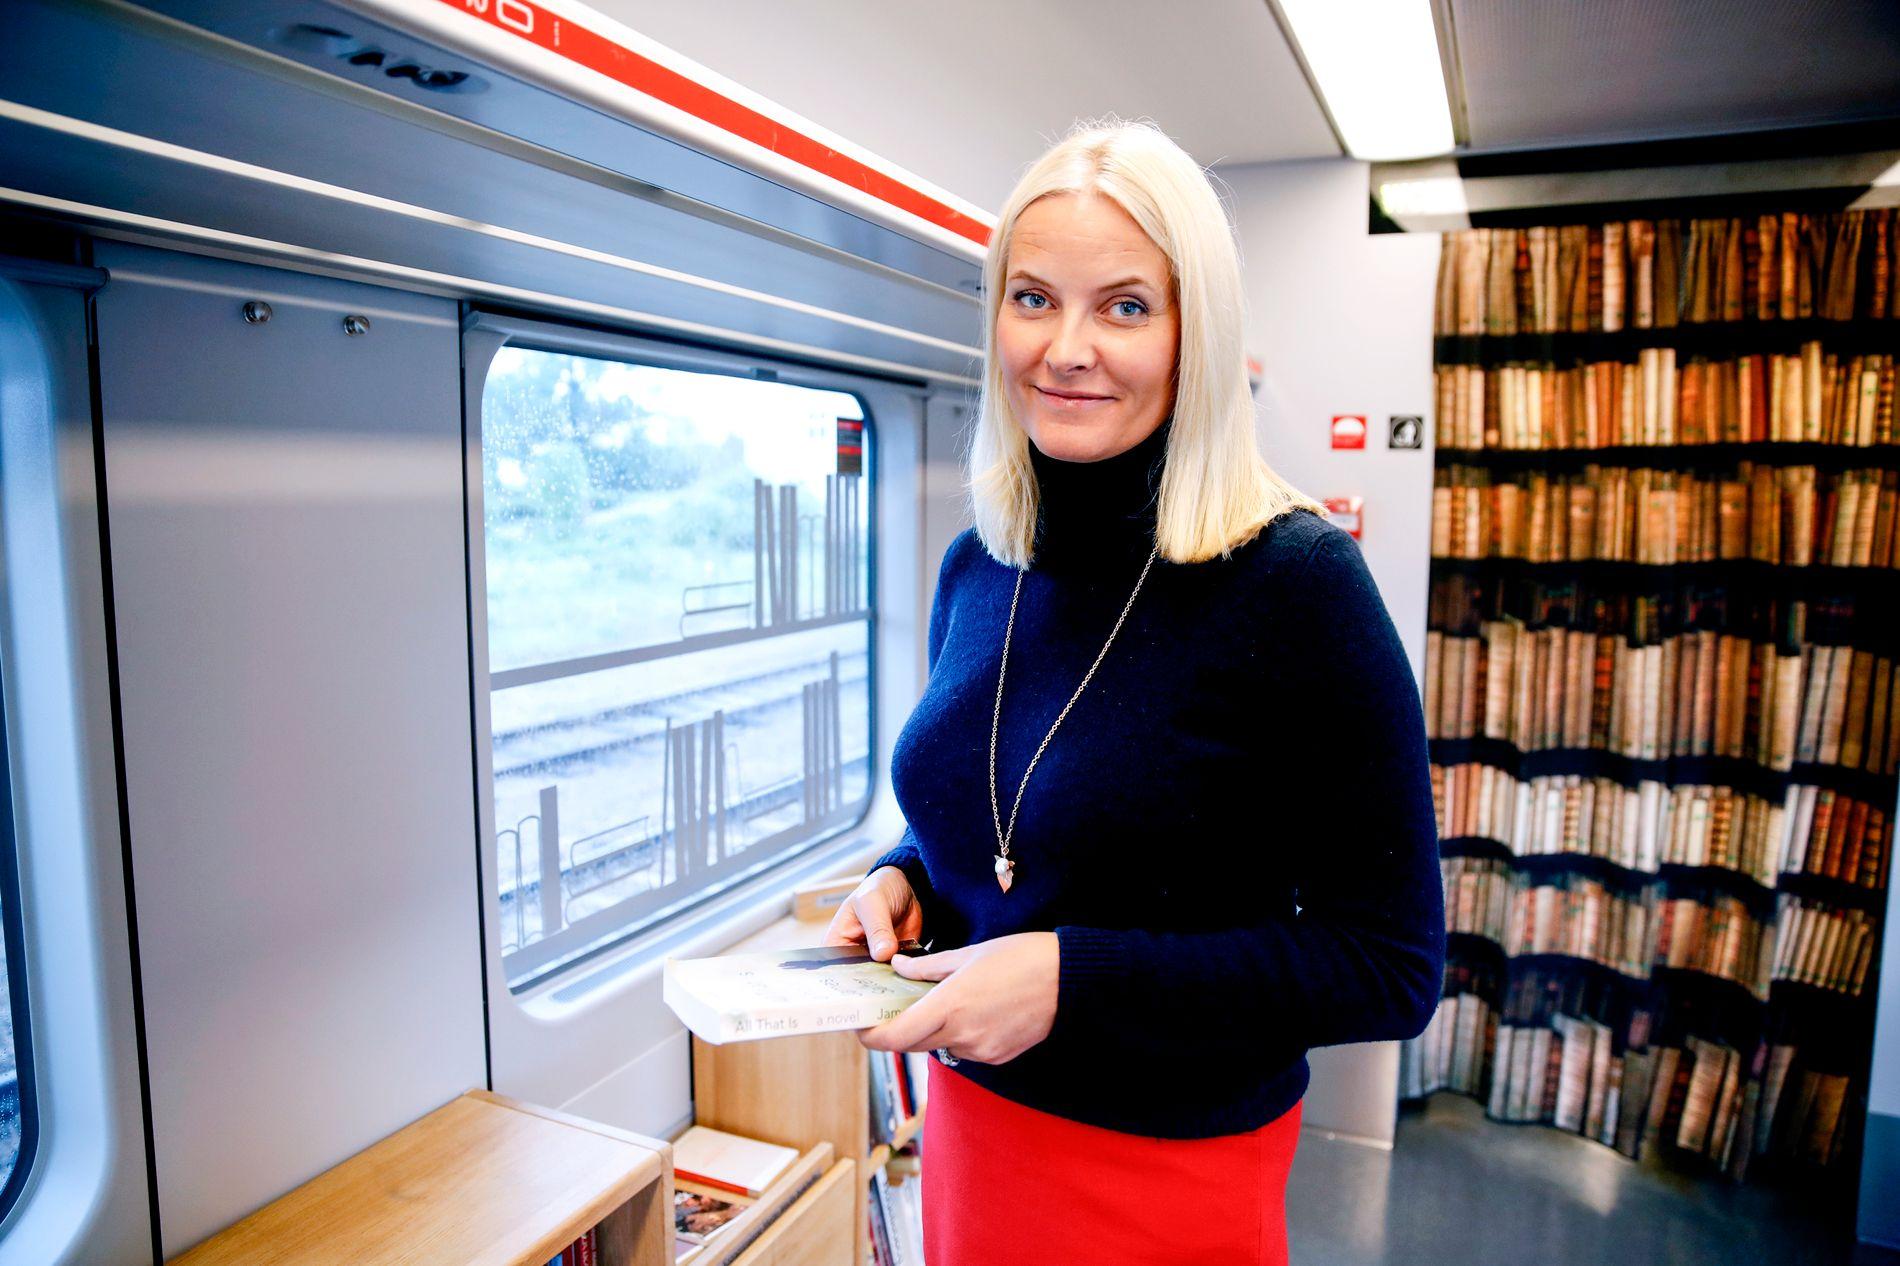 FJERDE LITTERATURTOG: For fjerde året på rad reiser kronprinsesse Mette-Marit med litteraturtoget, og i år går turen fra hjem til hjem, fra Asker til Kristiansand. Det blir også en reise i eget liv, tilbake til barndommen og ungdommen, sier Kronprinsessen.